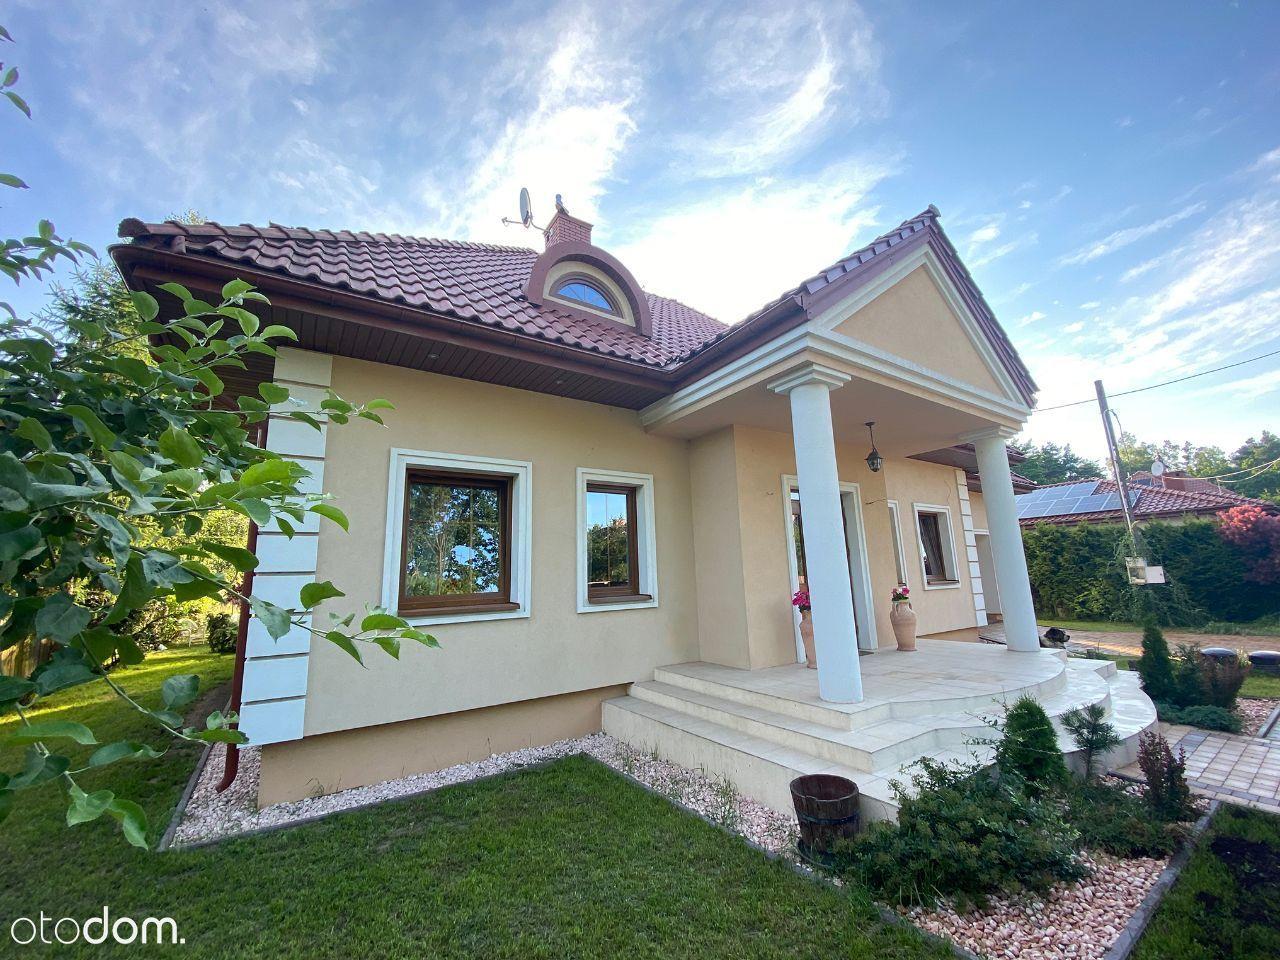 Dom wolnostojący w leśnej okolicy bezpośrednio